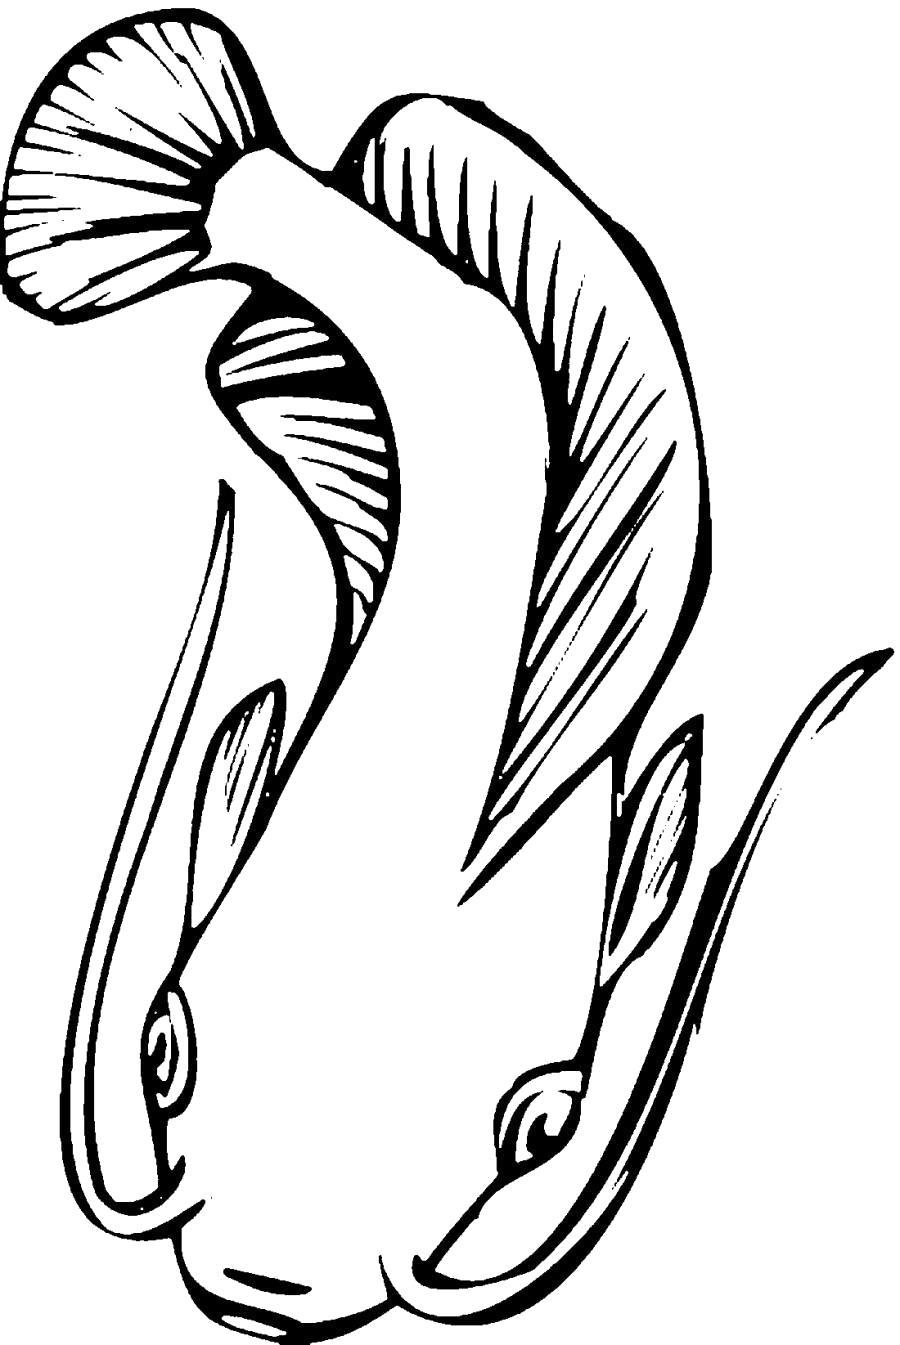 Раскраска Сом с длинными усами, рыба. Скачать .  Распечатать